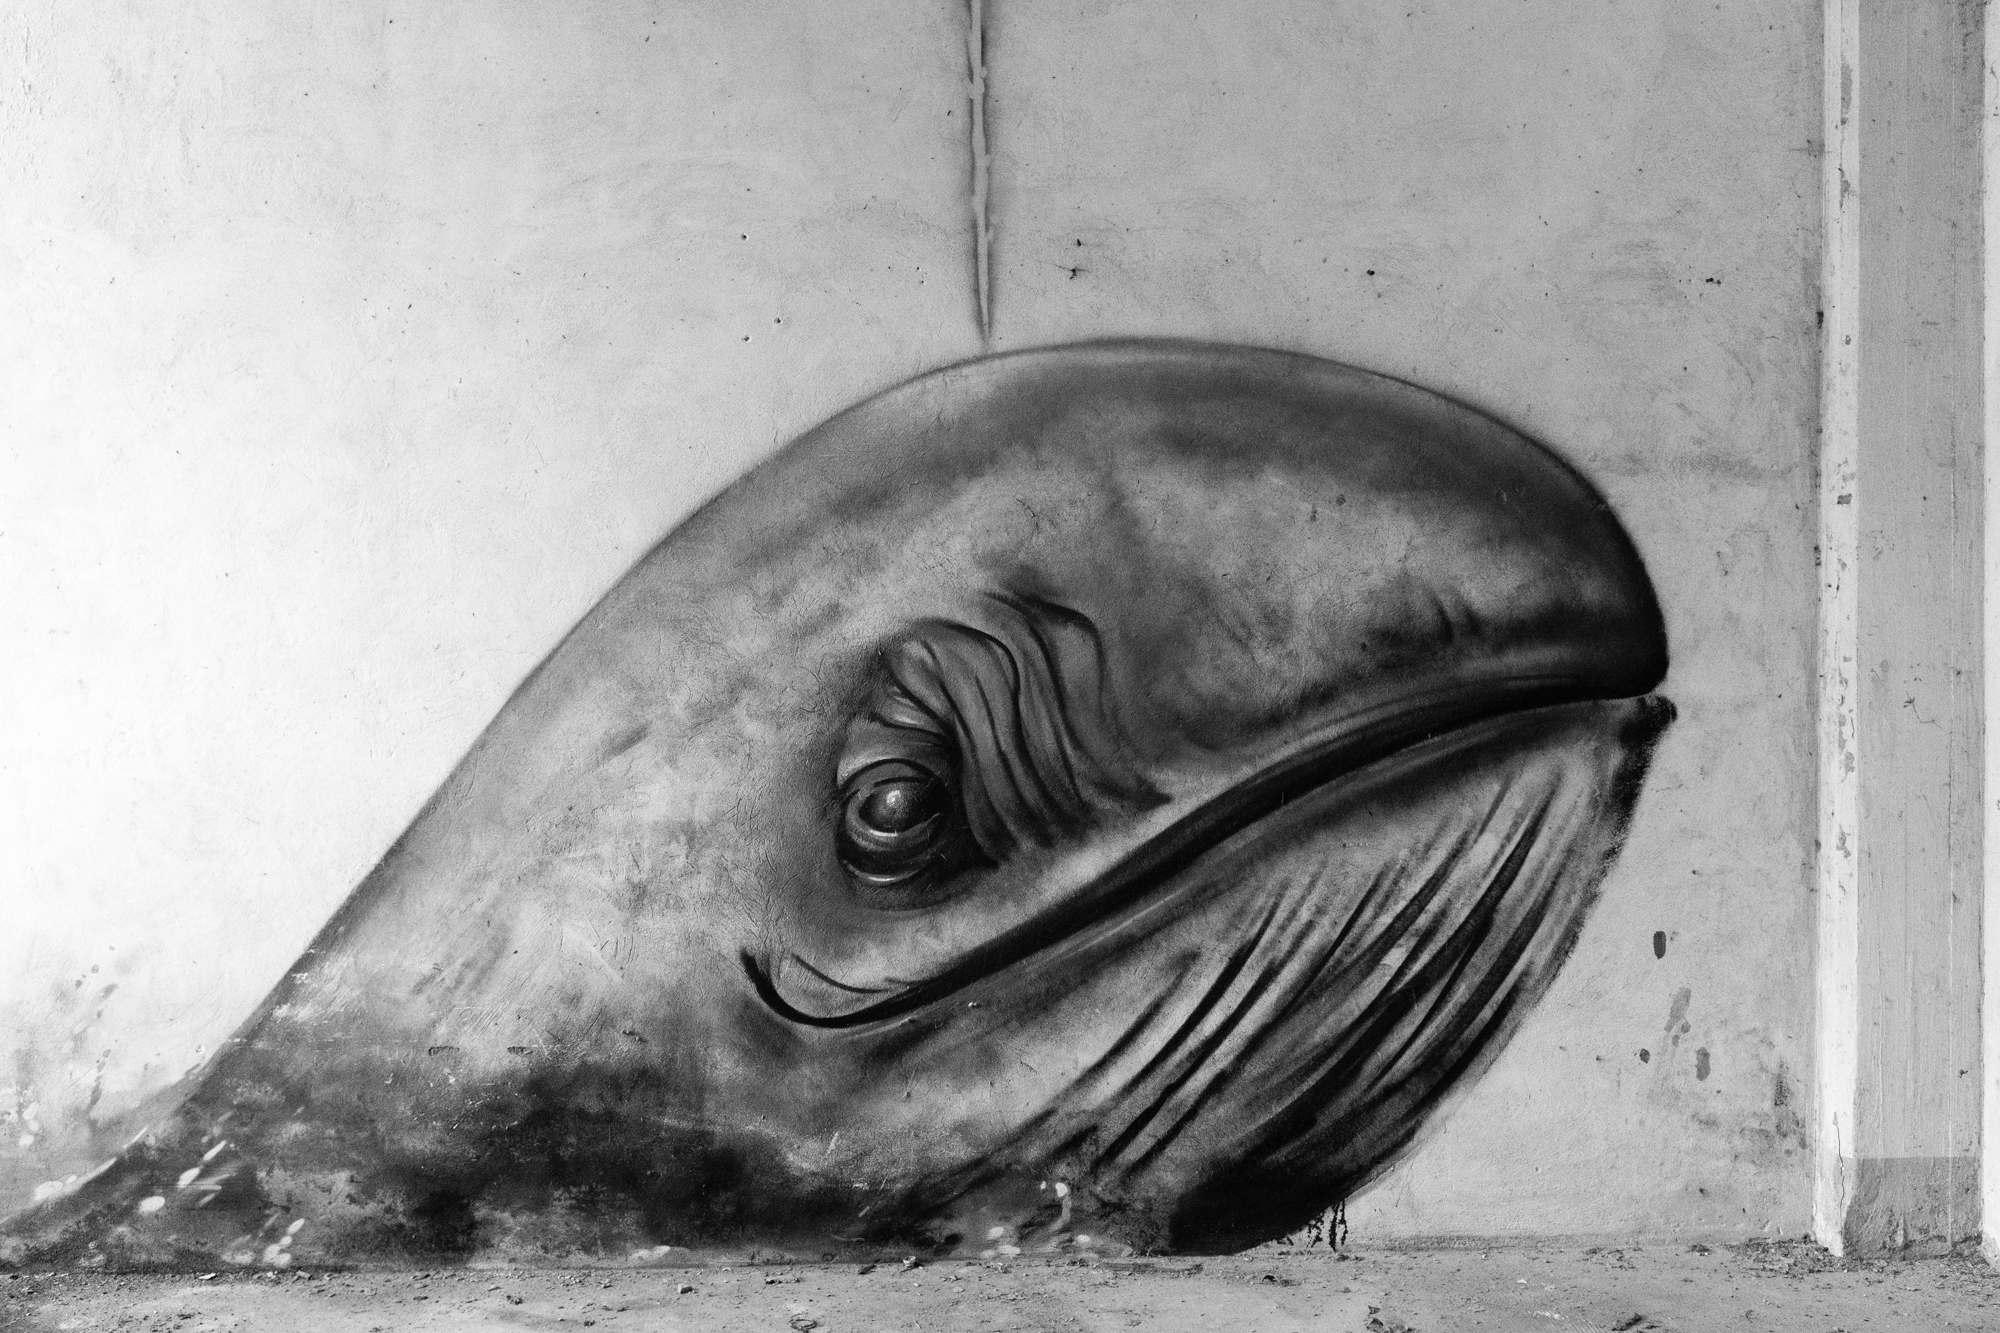 Graffiti of a whale